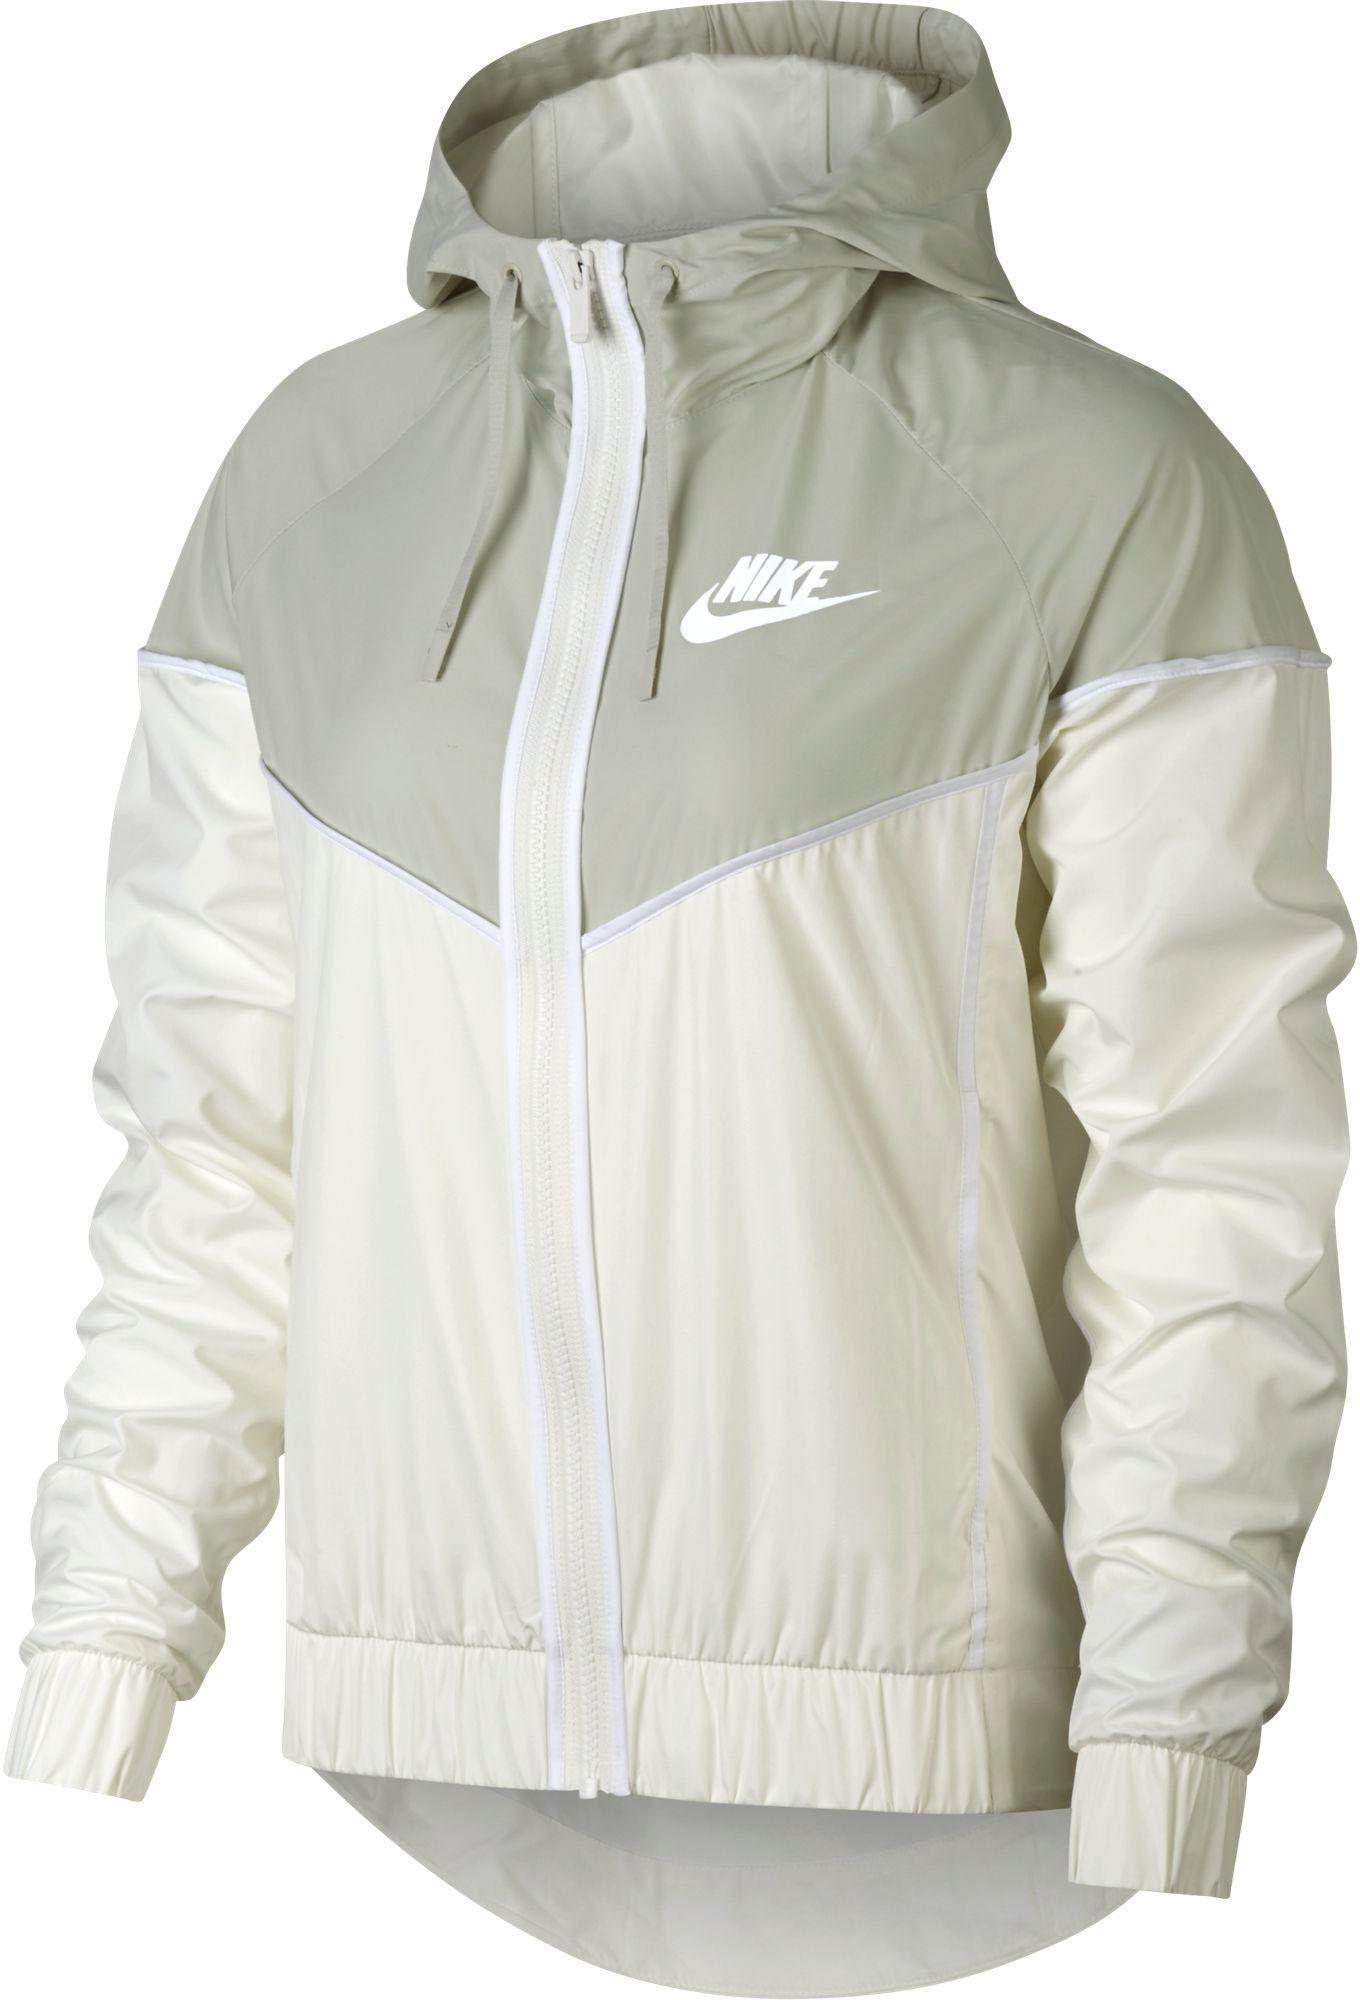 Nike. Women s Sportswear Windrunner Jacket f01cb8b0d